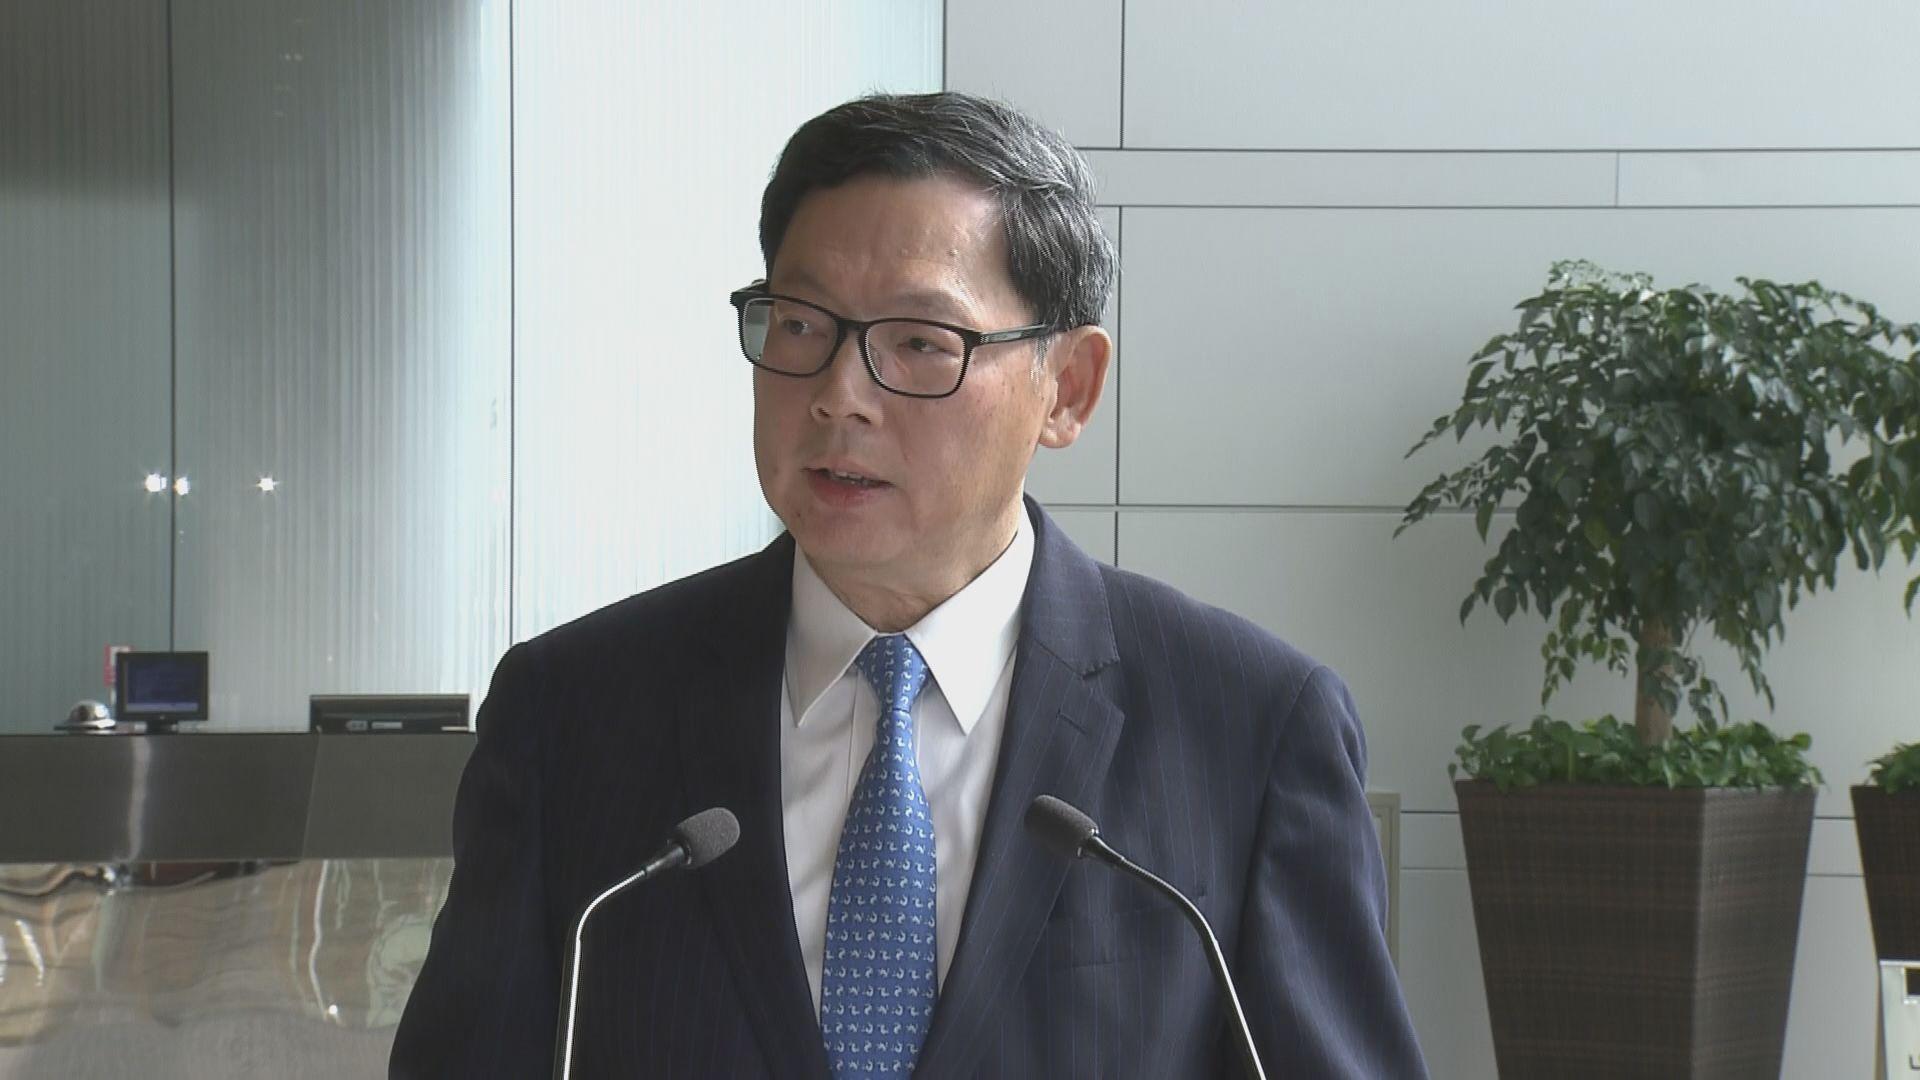 陳德霖:全球經濟情況為港帶來很大不確定性